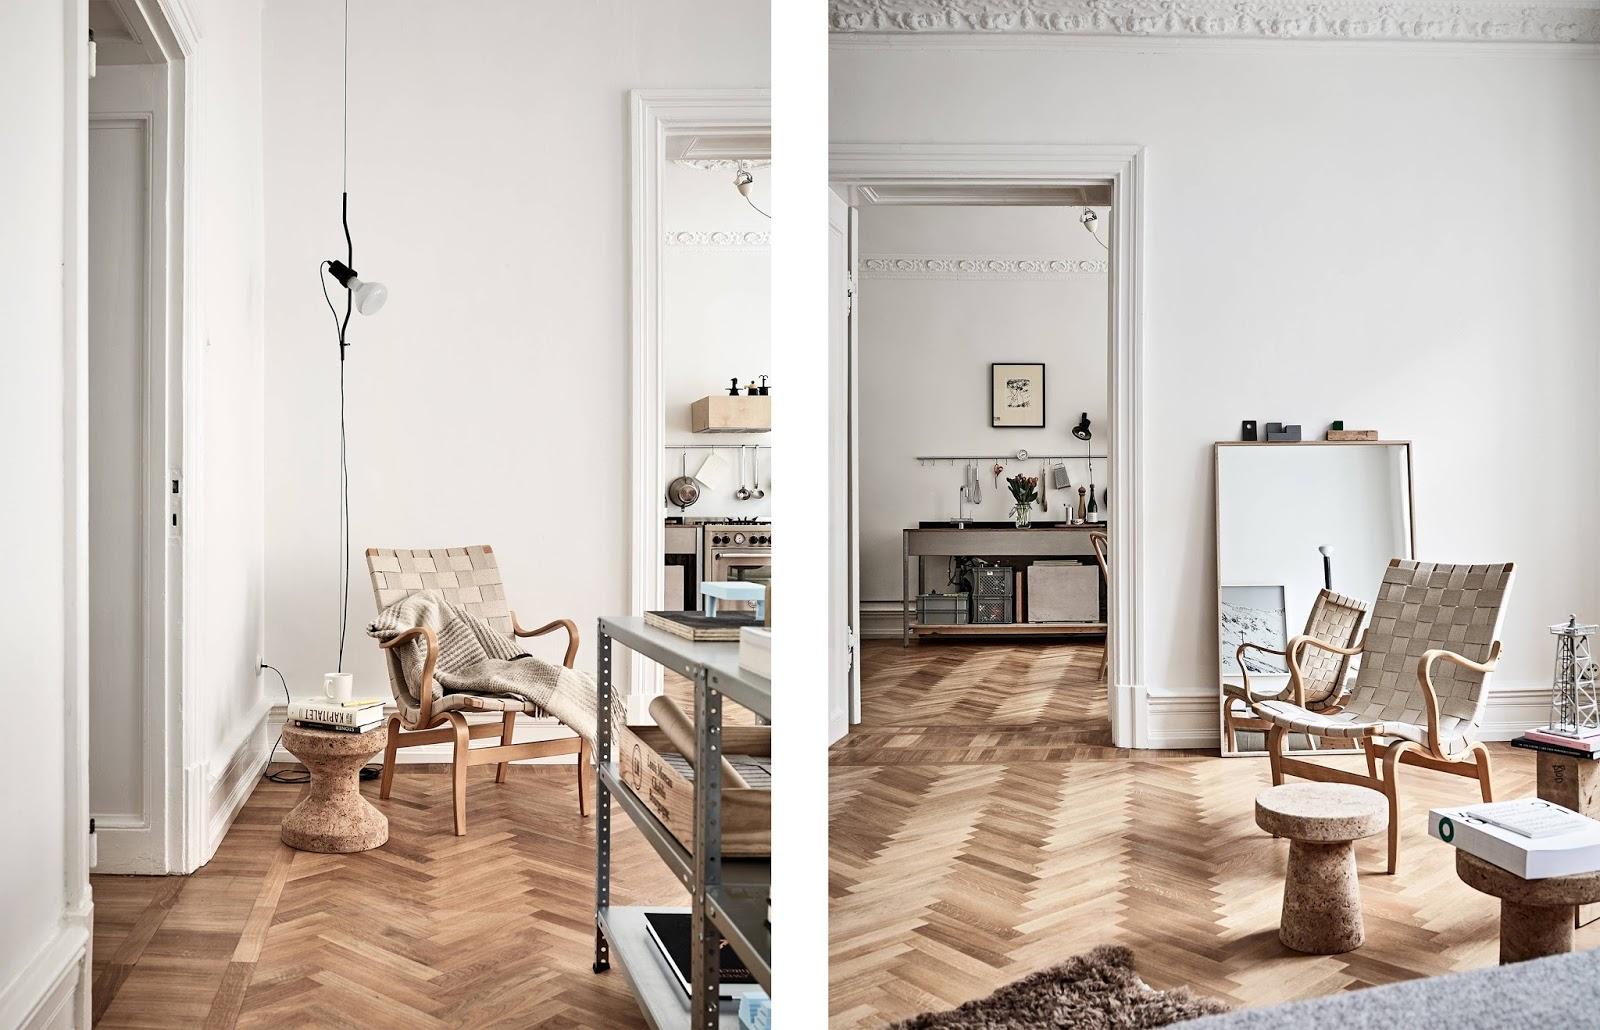 Appartamento scandinavo con arredi su misura e moderni for Arredamento scandinavo